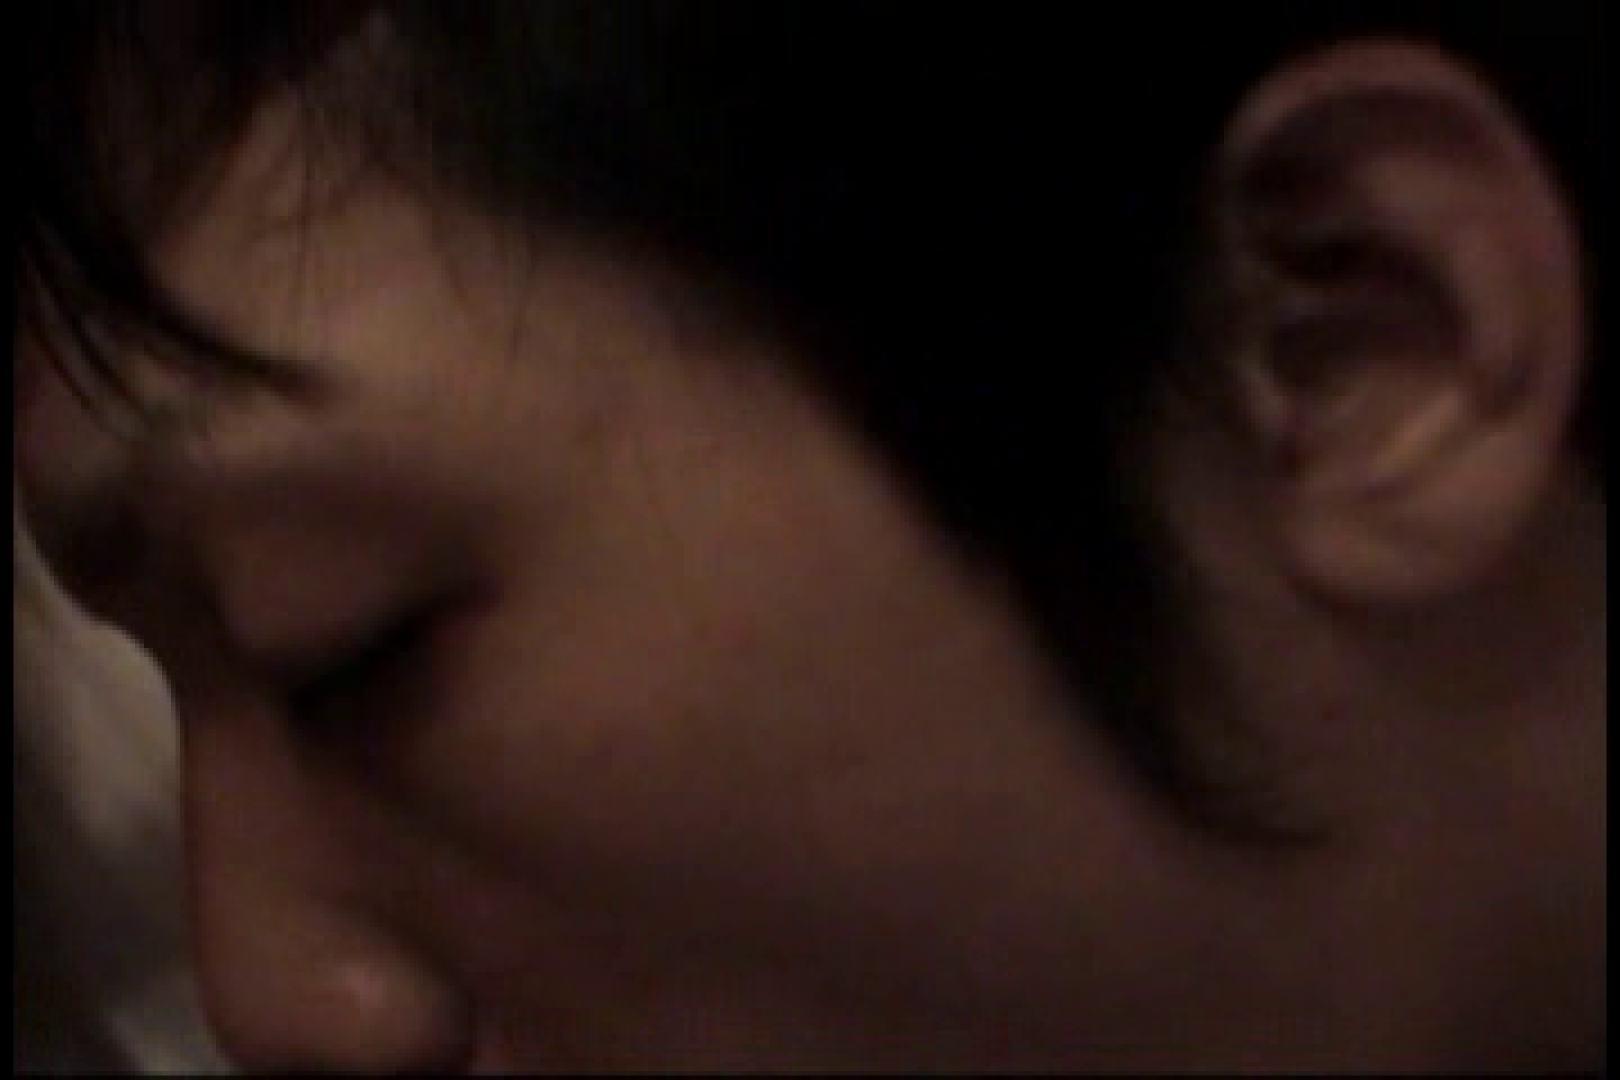 三ツ星シリーズ!!陰間茶屋独占!!第二弾!!イケメン羞恥心File.02 ハメ撮り特集   オナニー ゲイエロビデオ画像 112枚 30